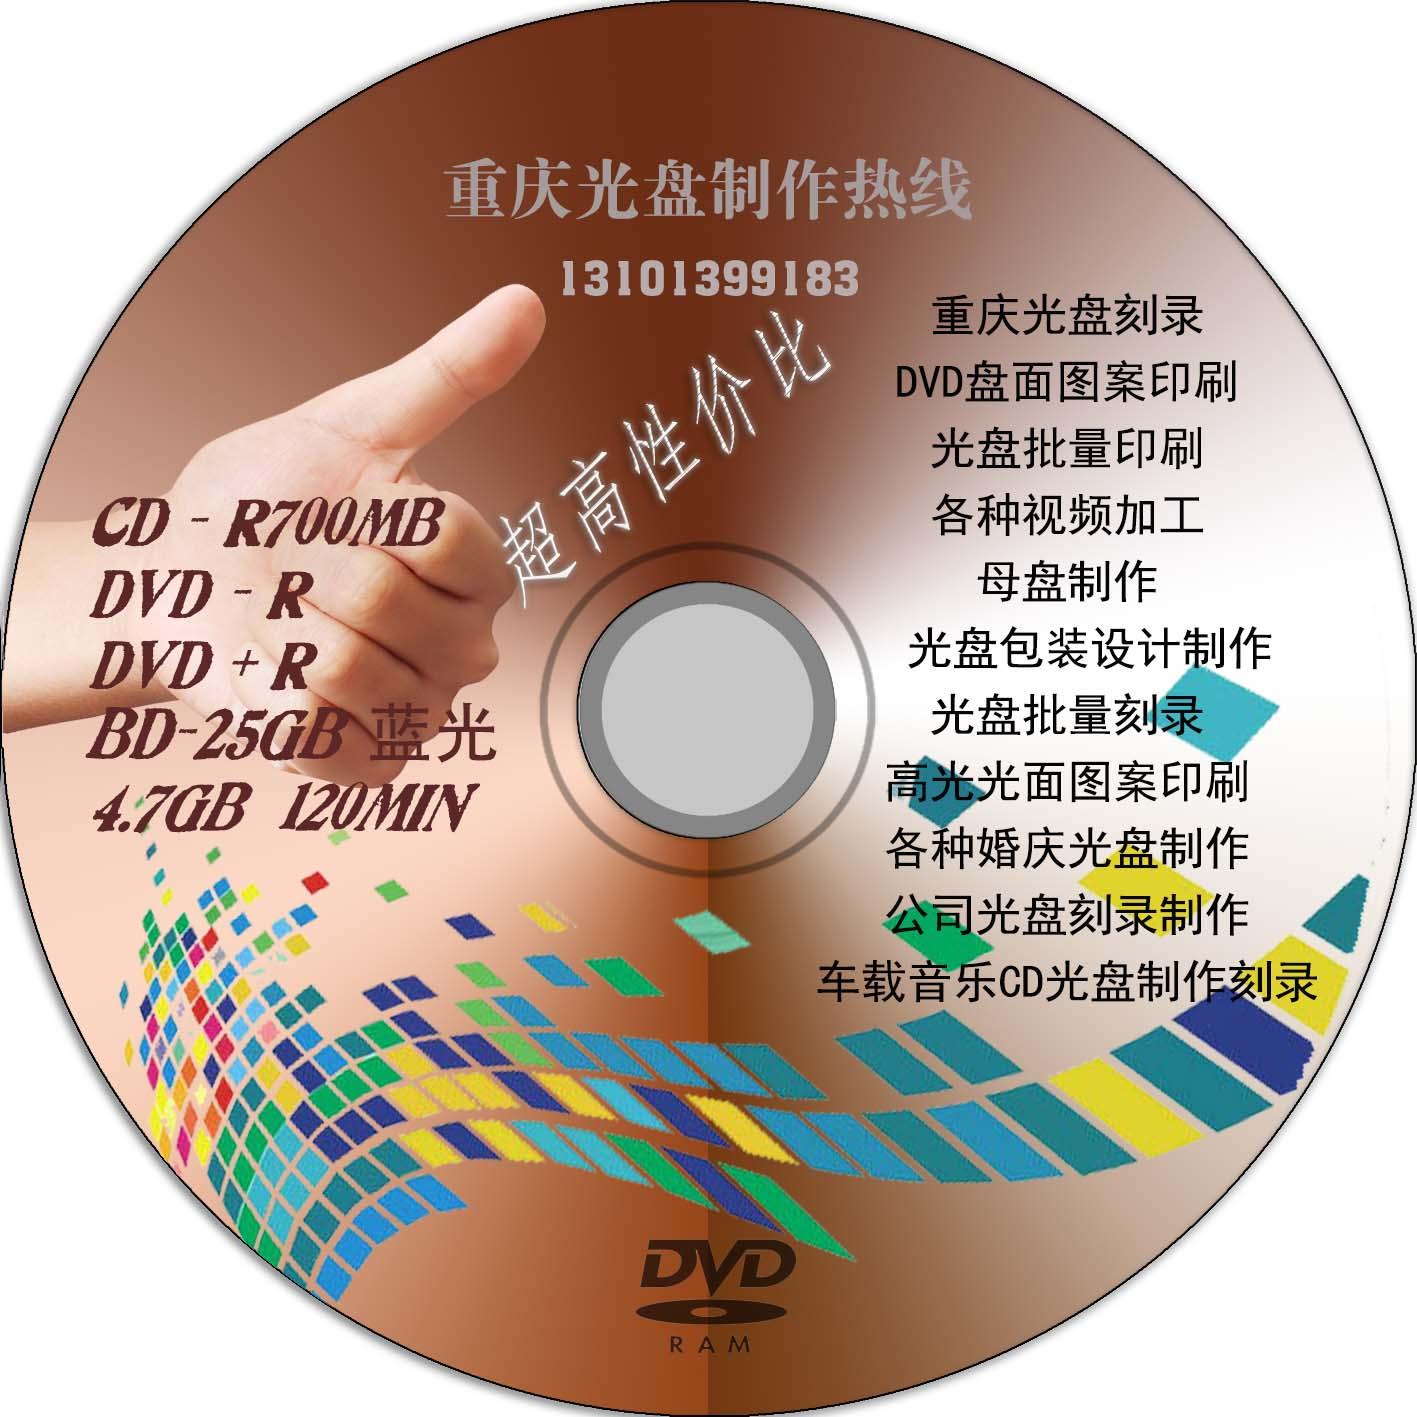 重庆批量光盘刻录,光盘封面打印,光盘盘面设计,光盘质量保证。